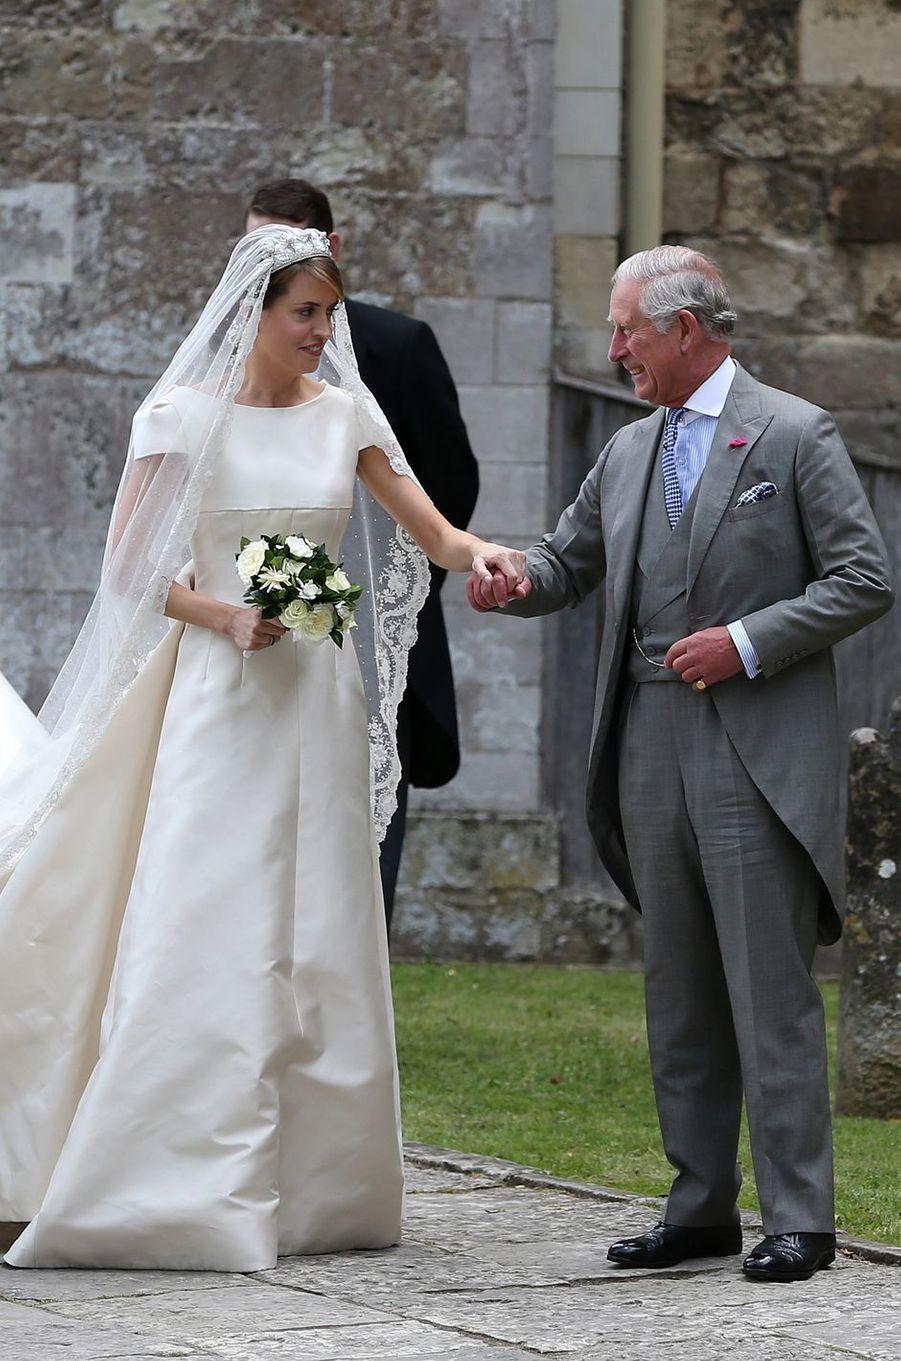 En attendant le mariage de son fils Harry, le prince Charles a joué les pères de substitution ce samedi 25 juin pour conduire Alexandra Knatchbull à l'autel, sous les yeux de la reine Elizabeth II.